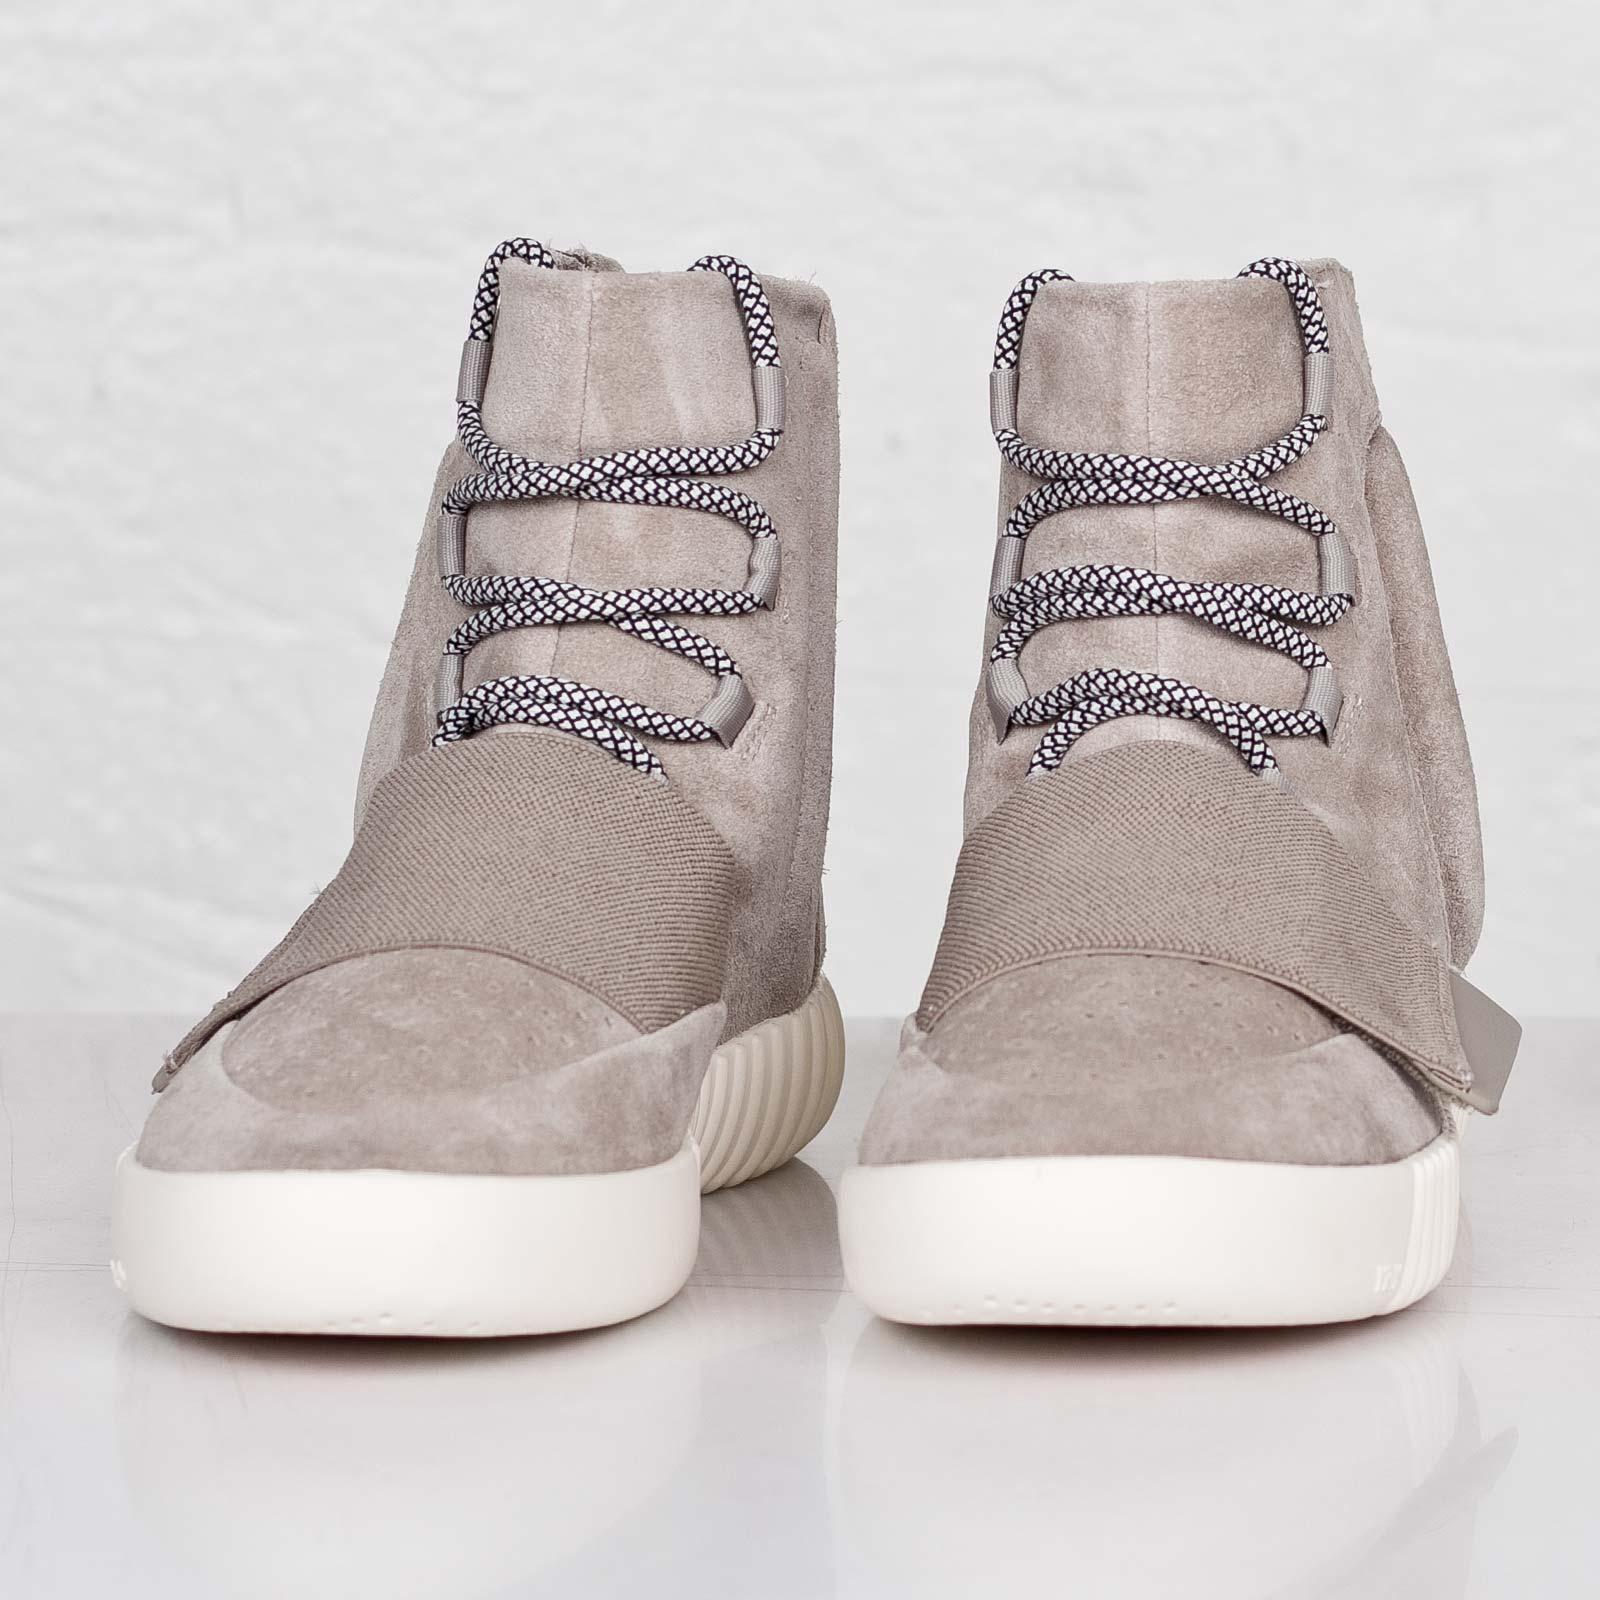 3ae8e5ecb adidas Yeezy 750 Boost - B35309 - Sneakersnstuff